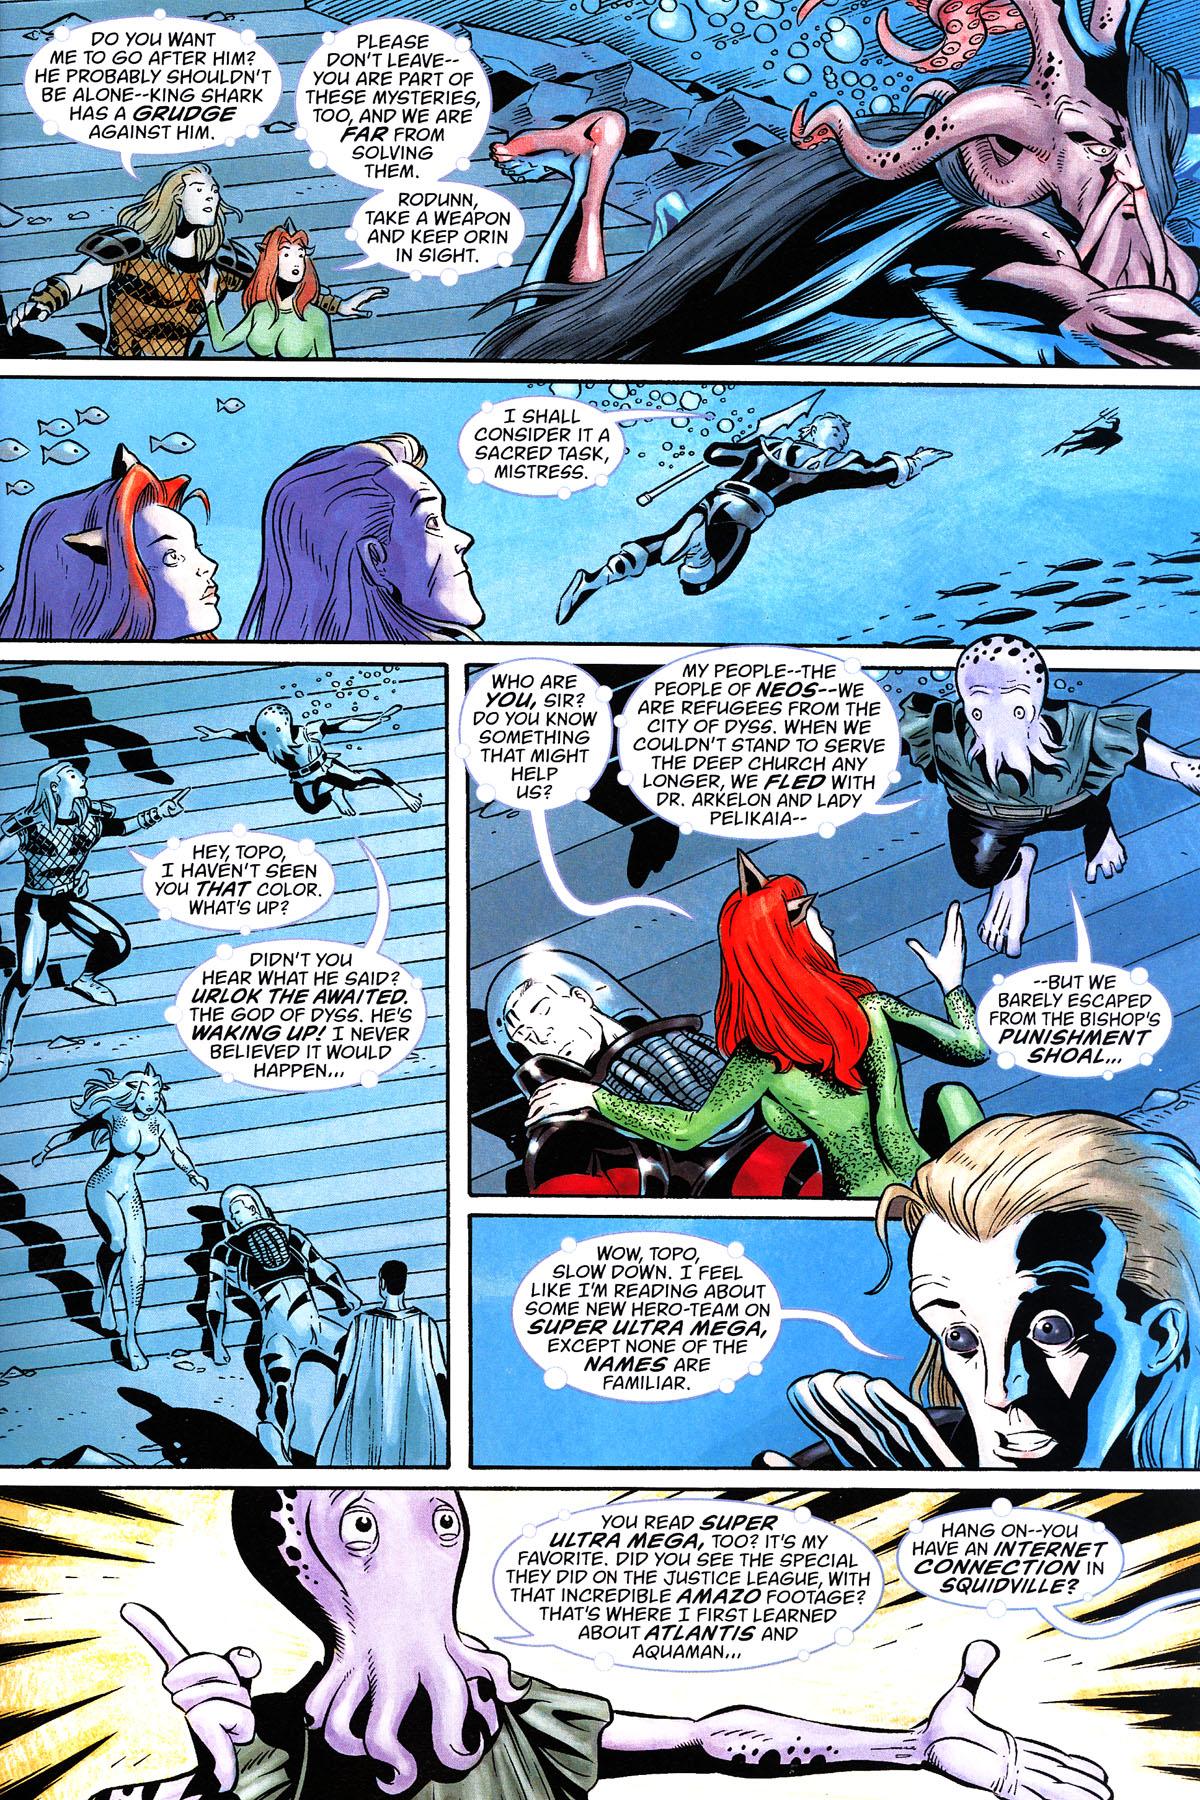 Read online Aquaman: Sword of Atlantis comic -  Issue #50 - 27